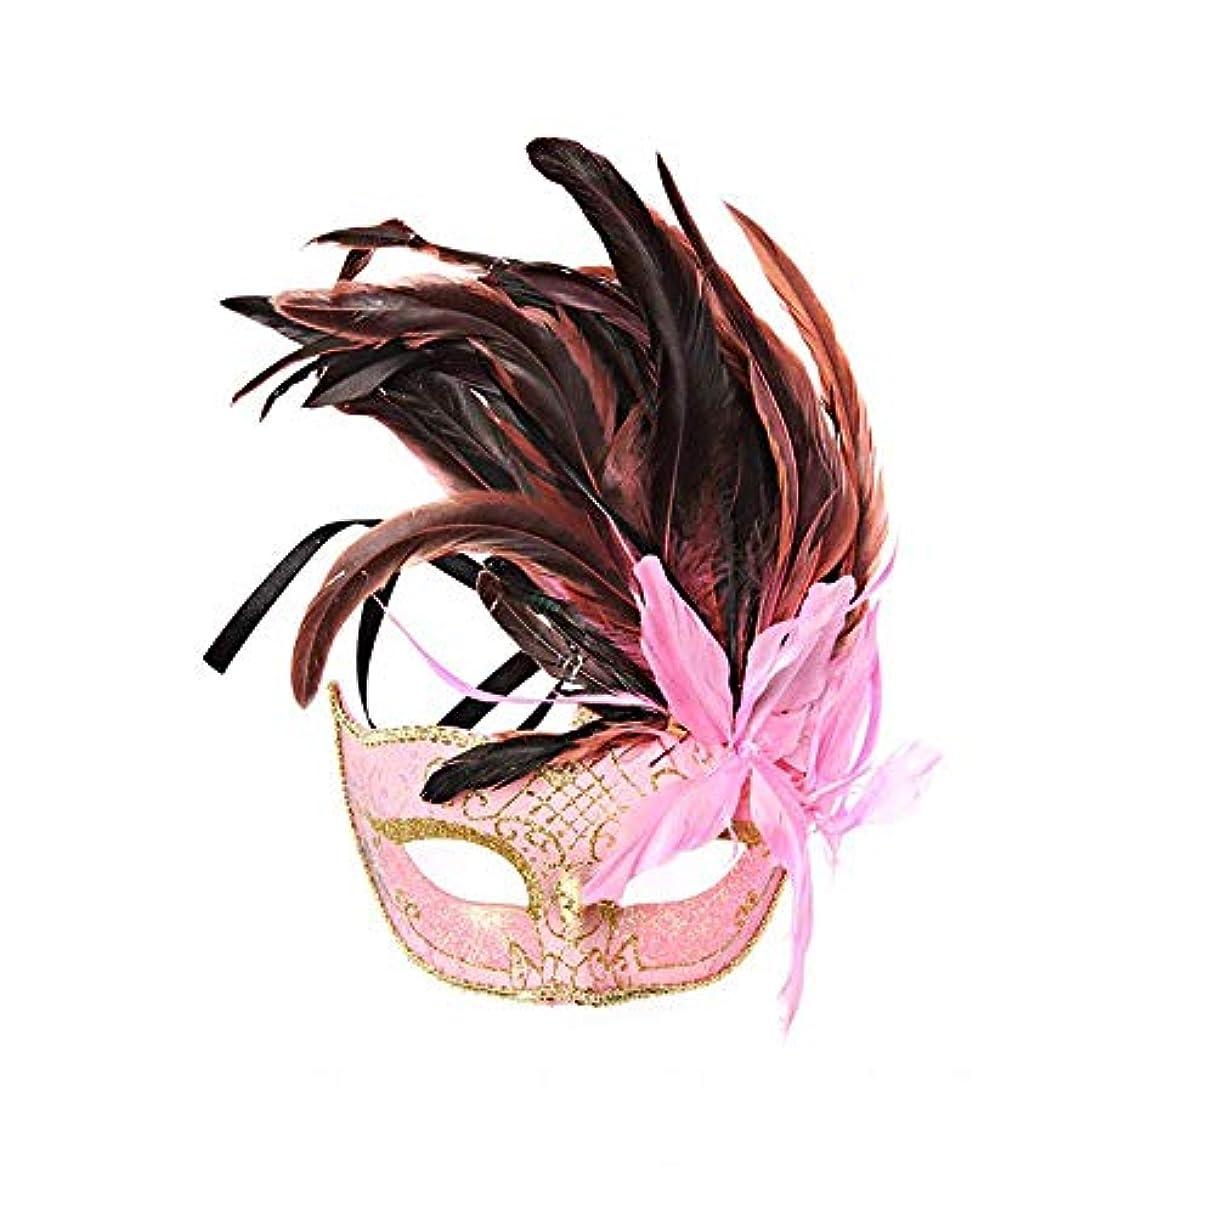 差別センター展望台Nanle ハロウィンマスクハーフフェザーマスクベニスプリンセスマスク美容レース仮面ライダーコスプレ (色 : Style A pink)